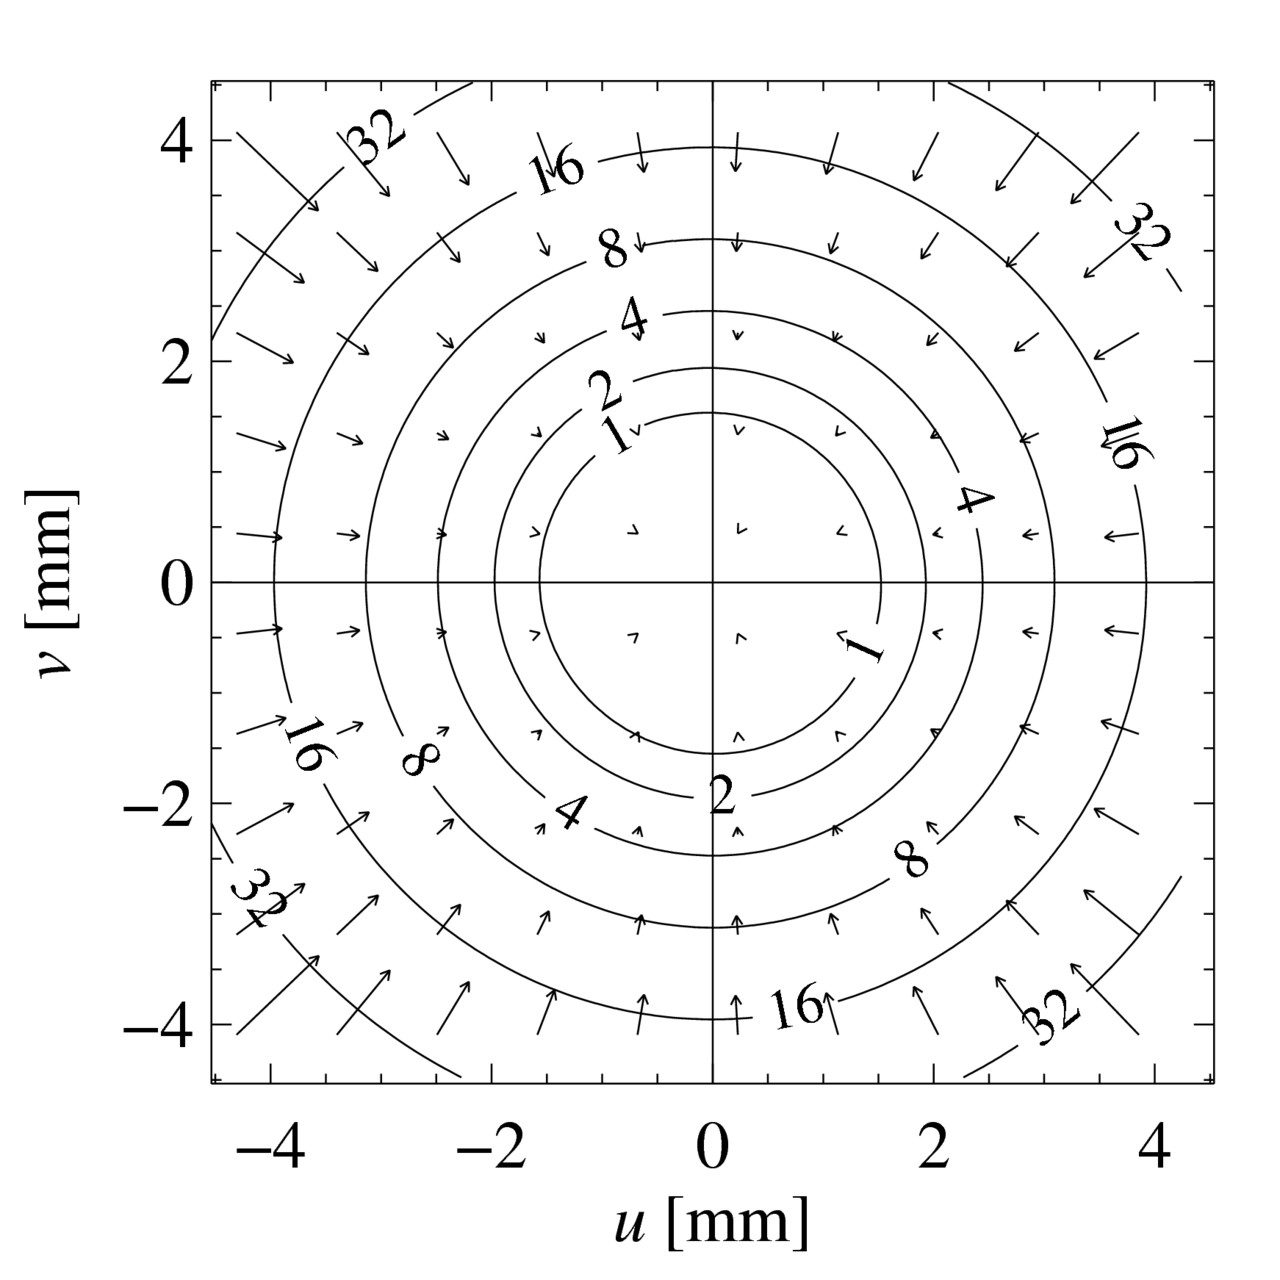 Verzeichnung eines 20-mm-Objektivs. Quelle: Wikipedia.